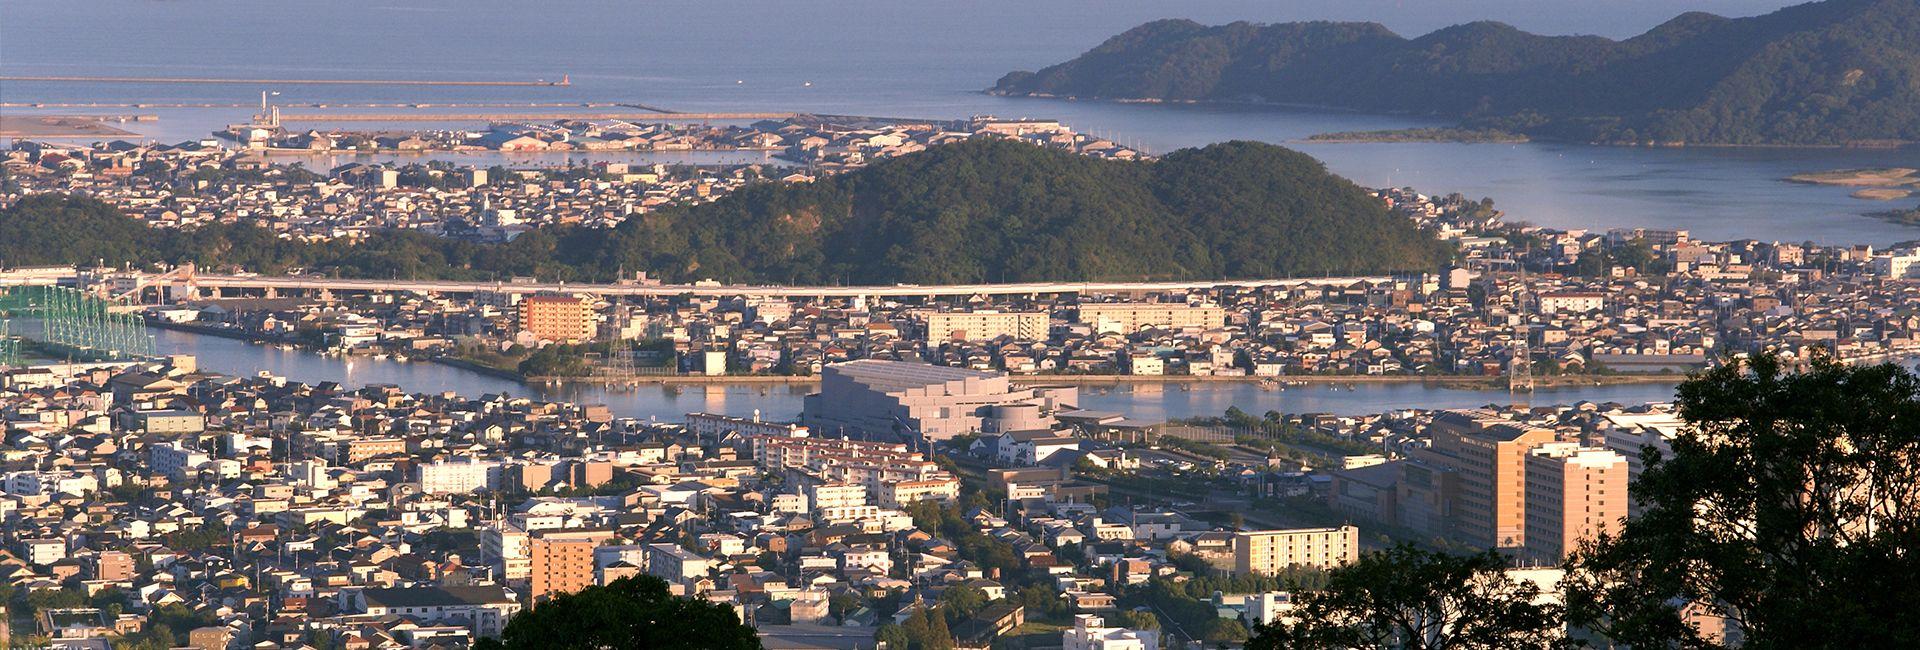 Tokushima in Japan